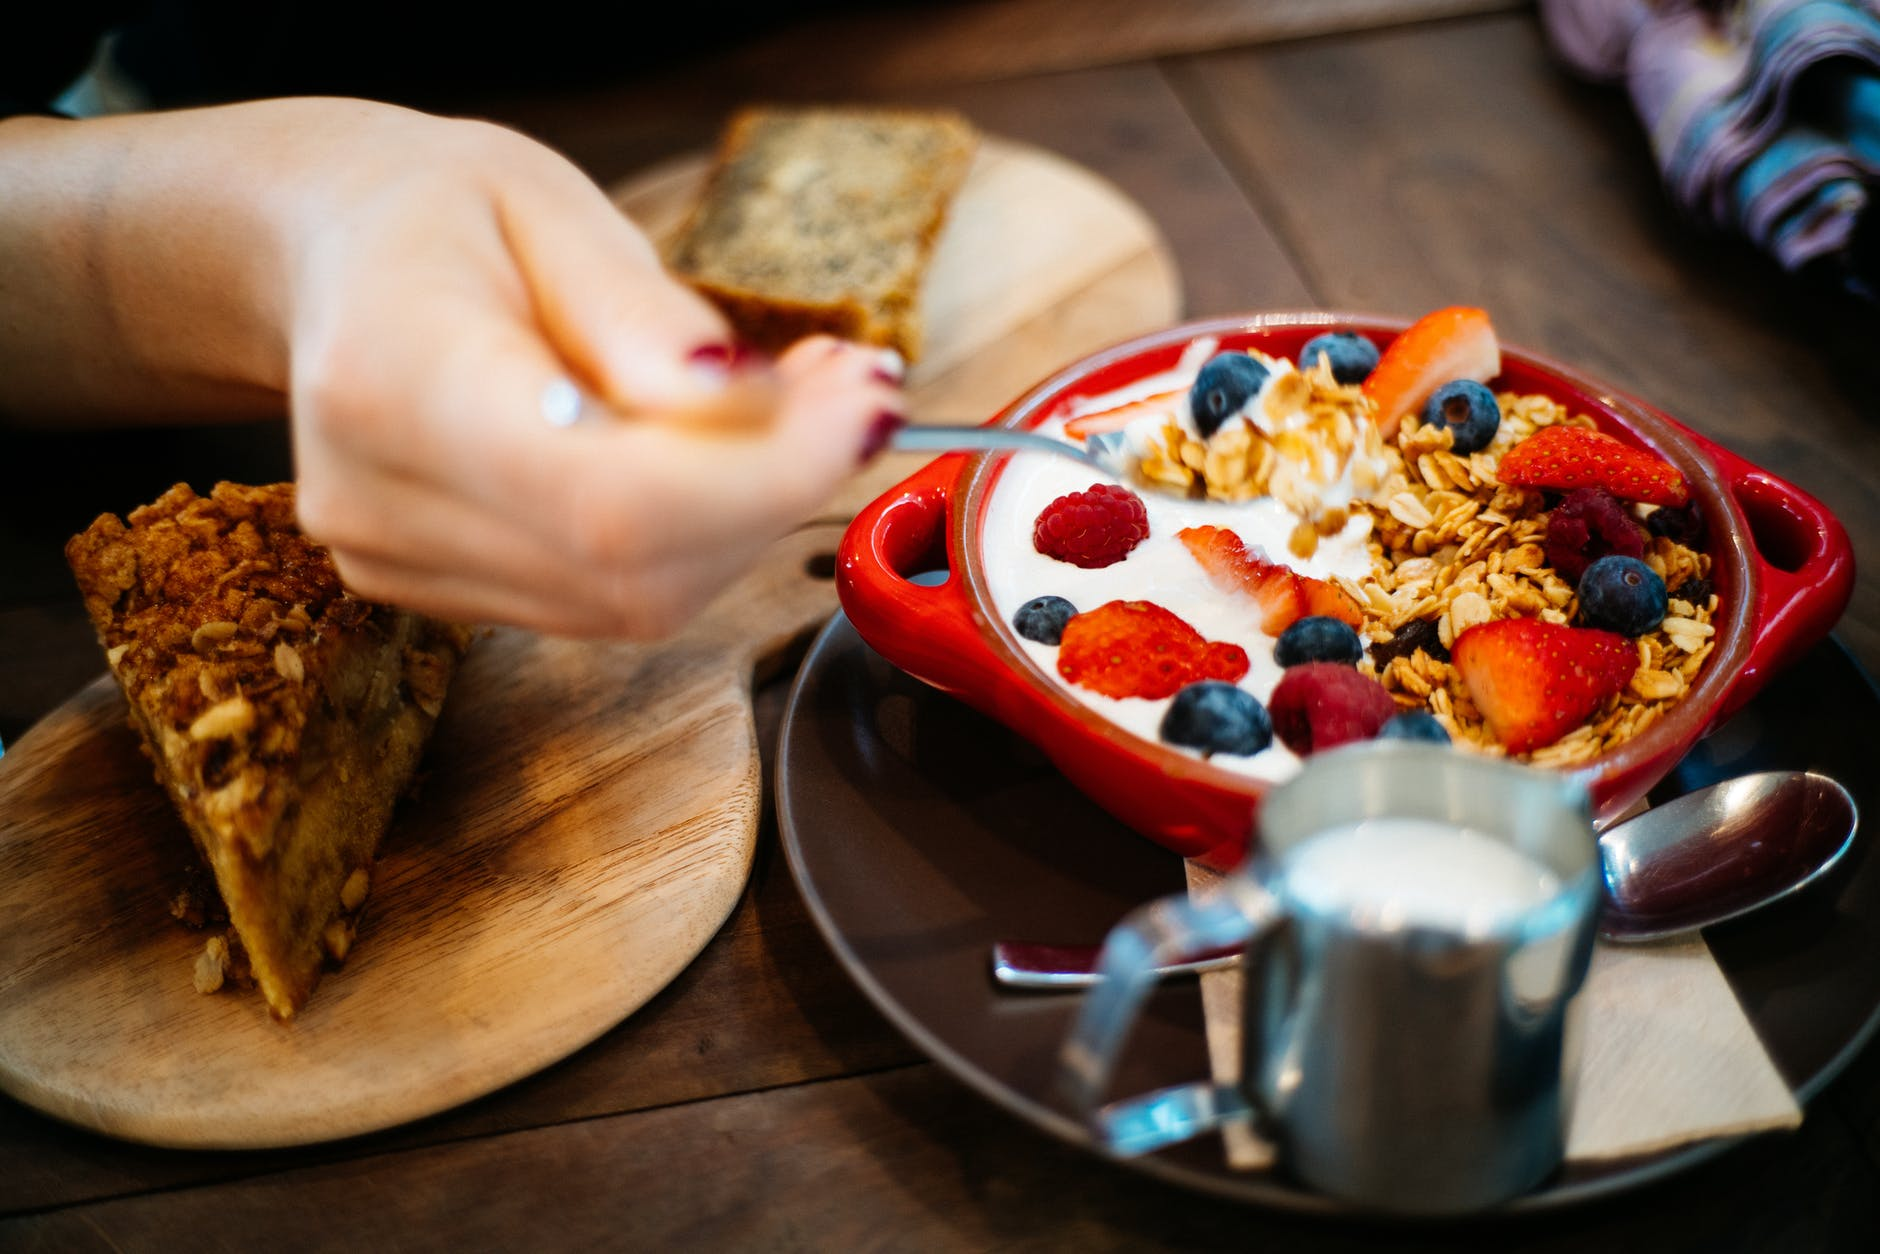 Кому он нужен этот завтрак: 5 советов, как организовать питание в течение дня, чтобы организм не голодал